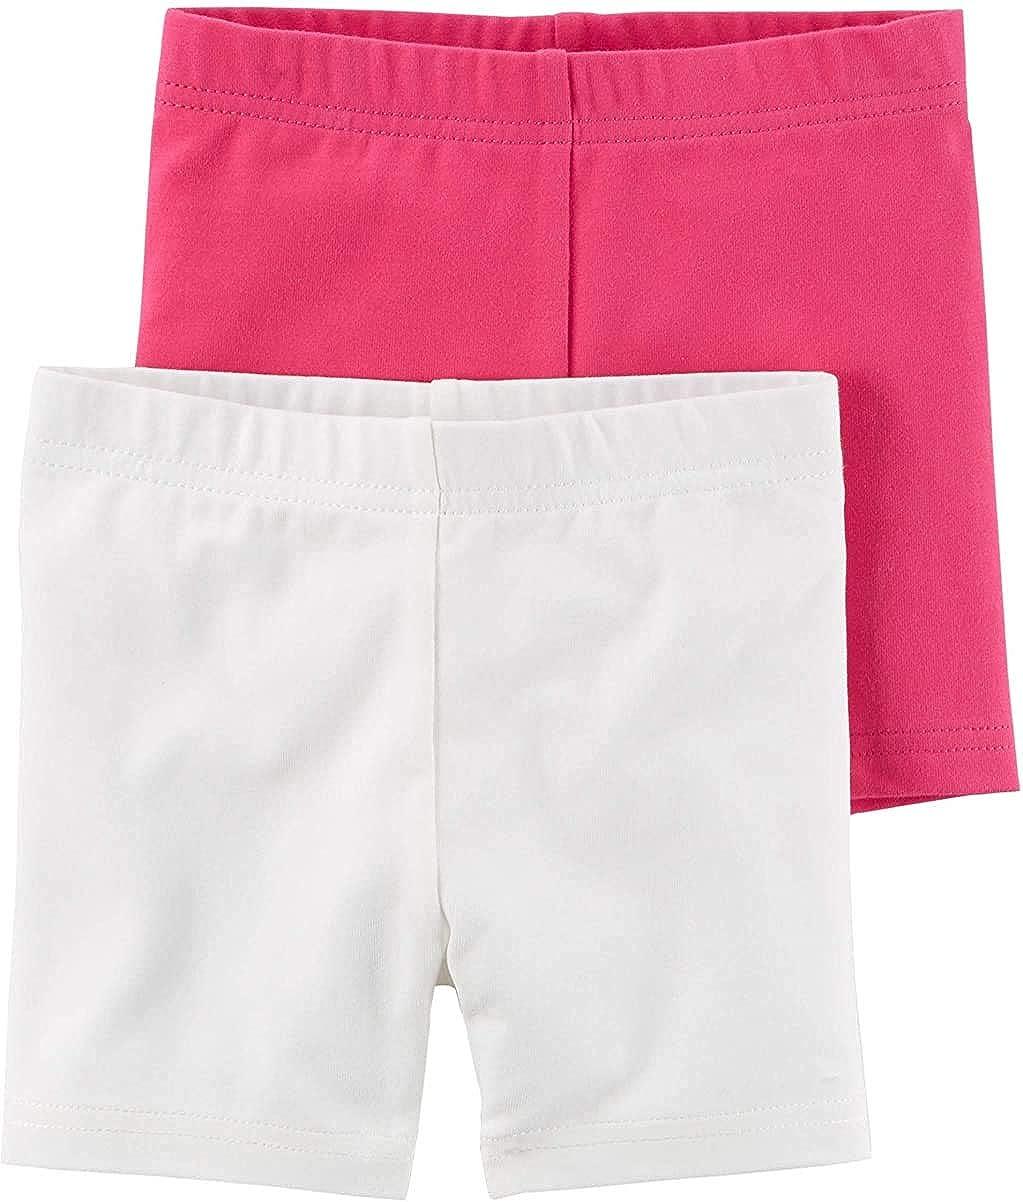 Carter's Baby Girls' 2-Pack Tumbling Shorts- Pink & White